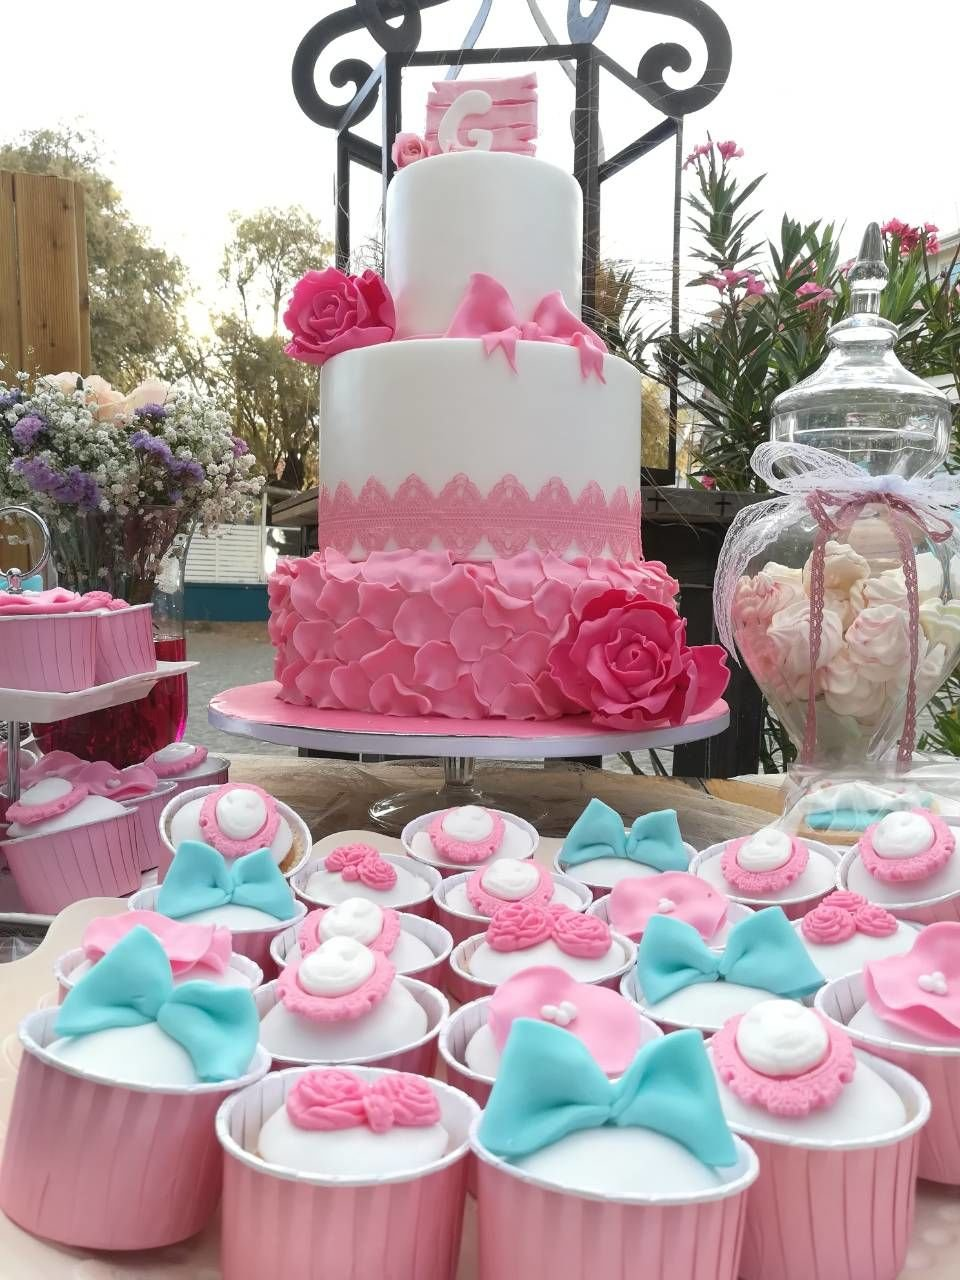 διακόσμιση μπουφέ βάπτισης Ζαχαροπλαστειο καλαματα madame charlotte, birthday cakes kalamata